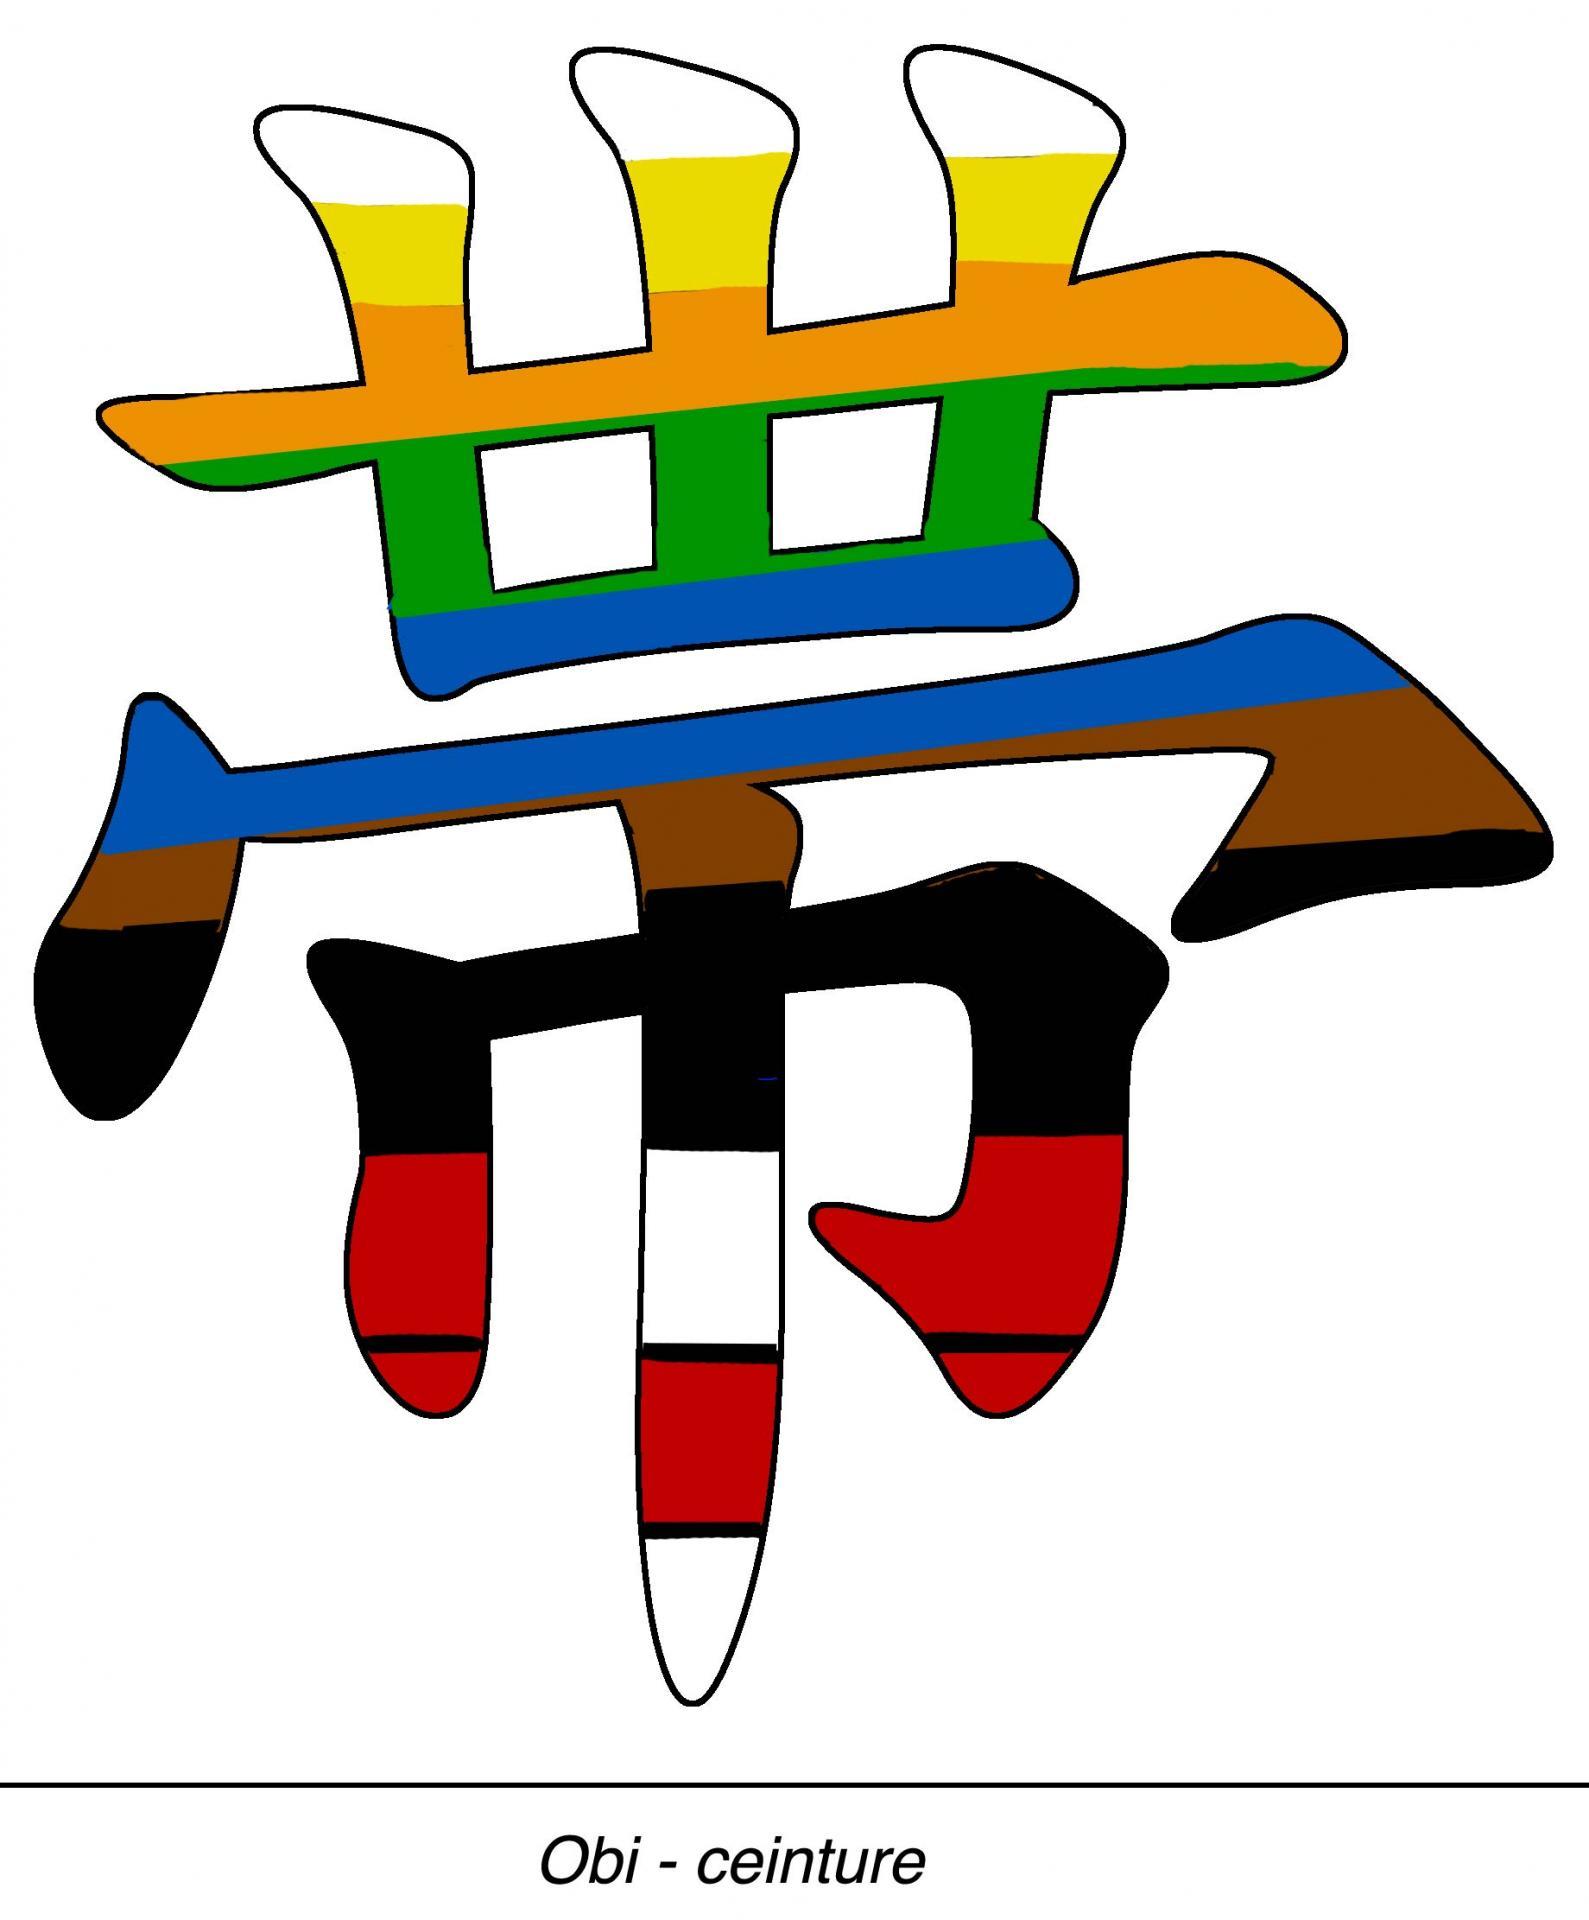 La ceinture, prononcée obi (帯) en japonais, revêt une importance  particulière dans le judo et des arts martiaux en général. Pour certains,  elle est une ... ce91edd91da